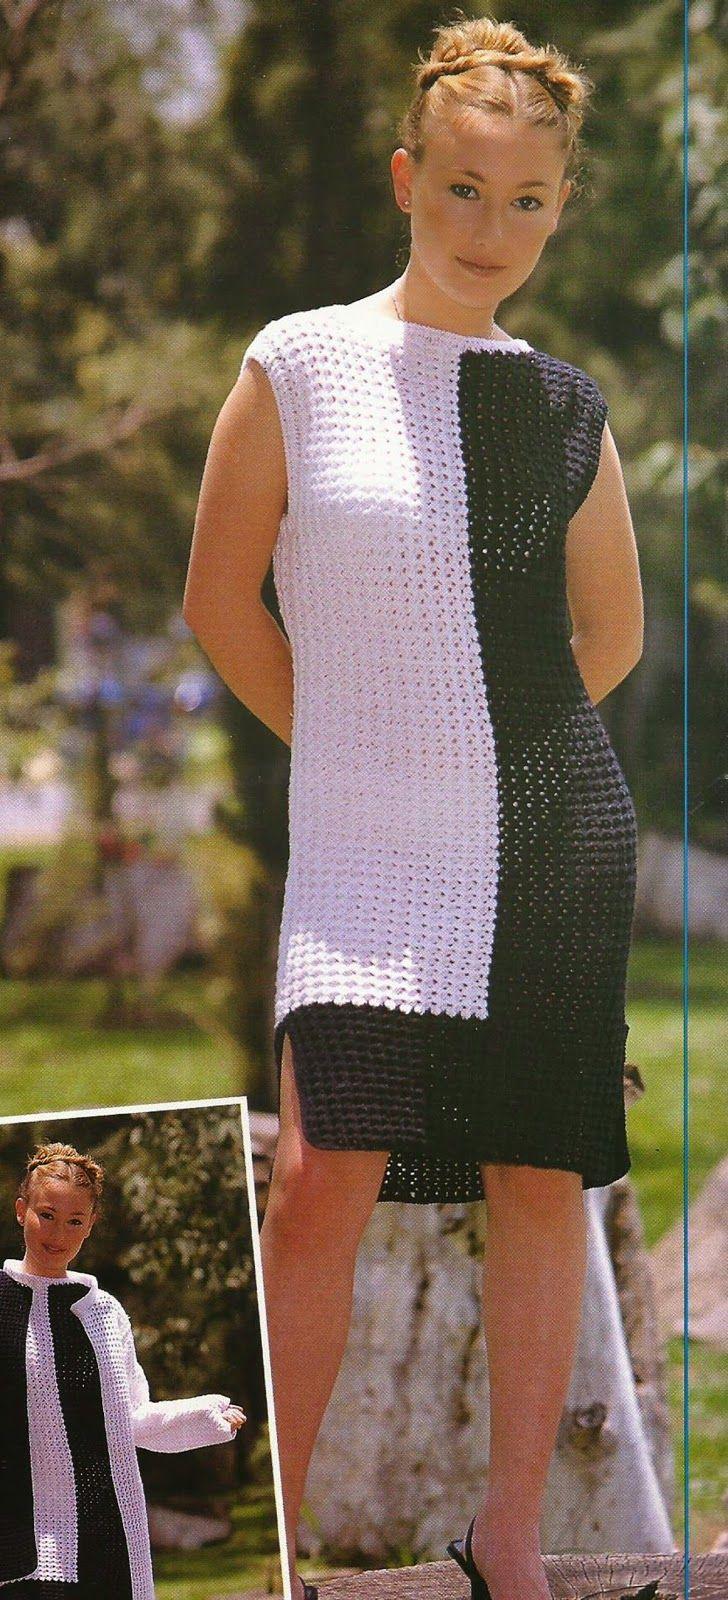 Vestido y Chaqueta a Crochet -> http://esquemas.ctejidas.com/2014/07/conjunto-vestido-y-chaqueta-bicolor.html